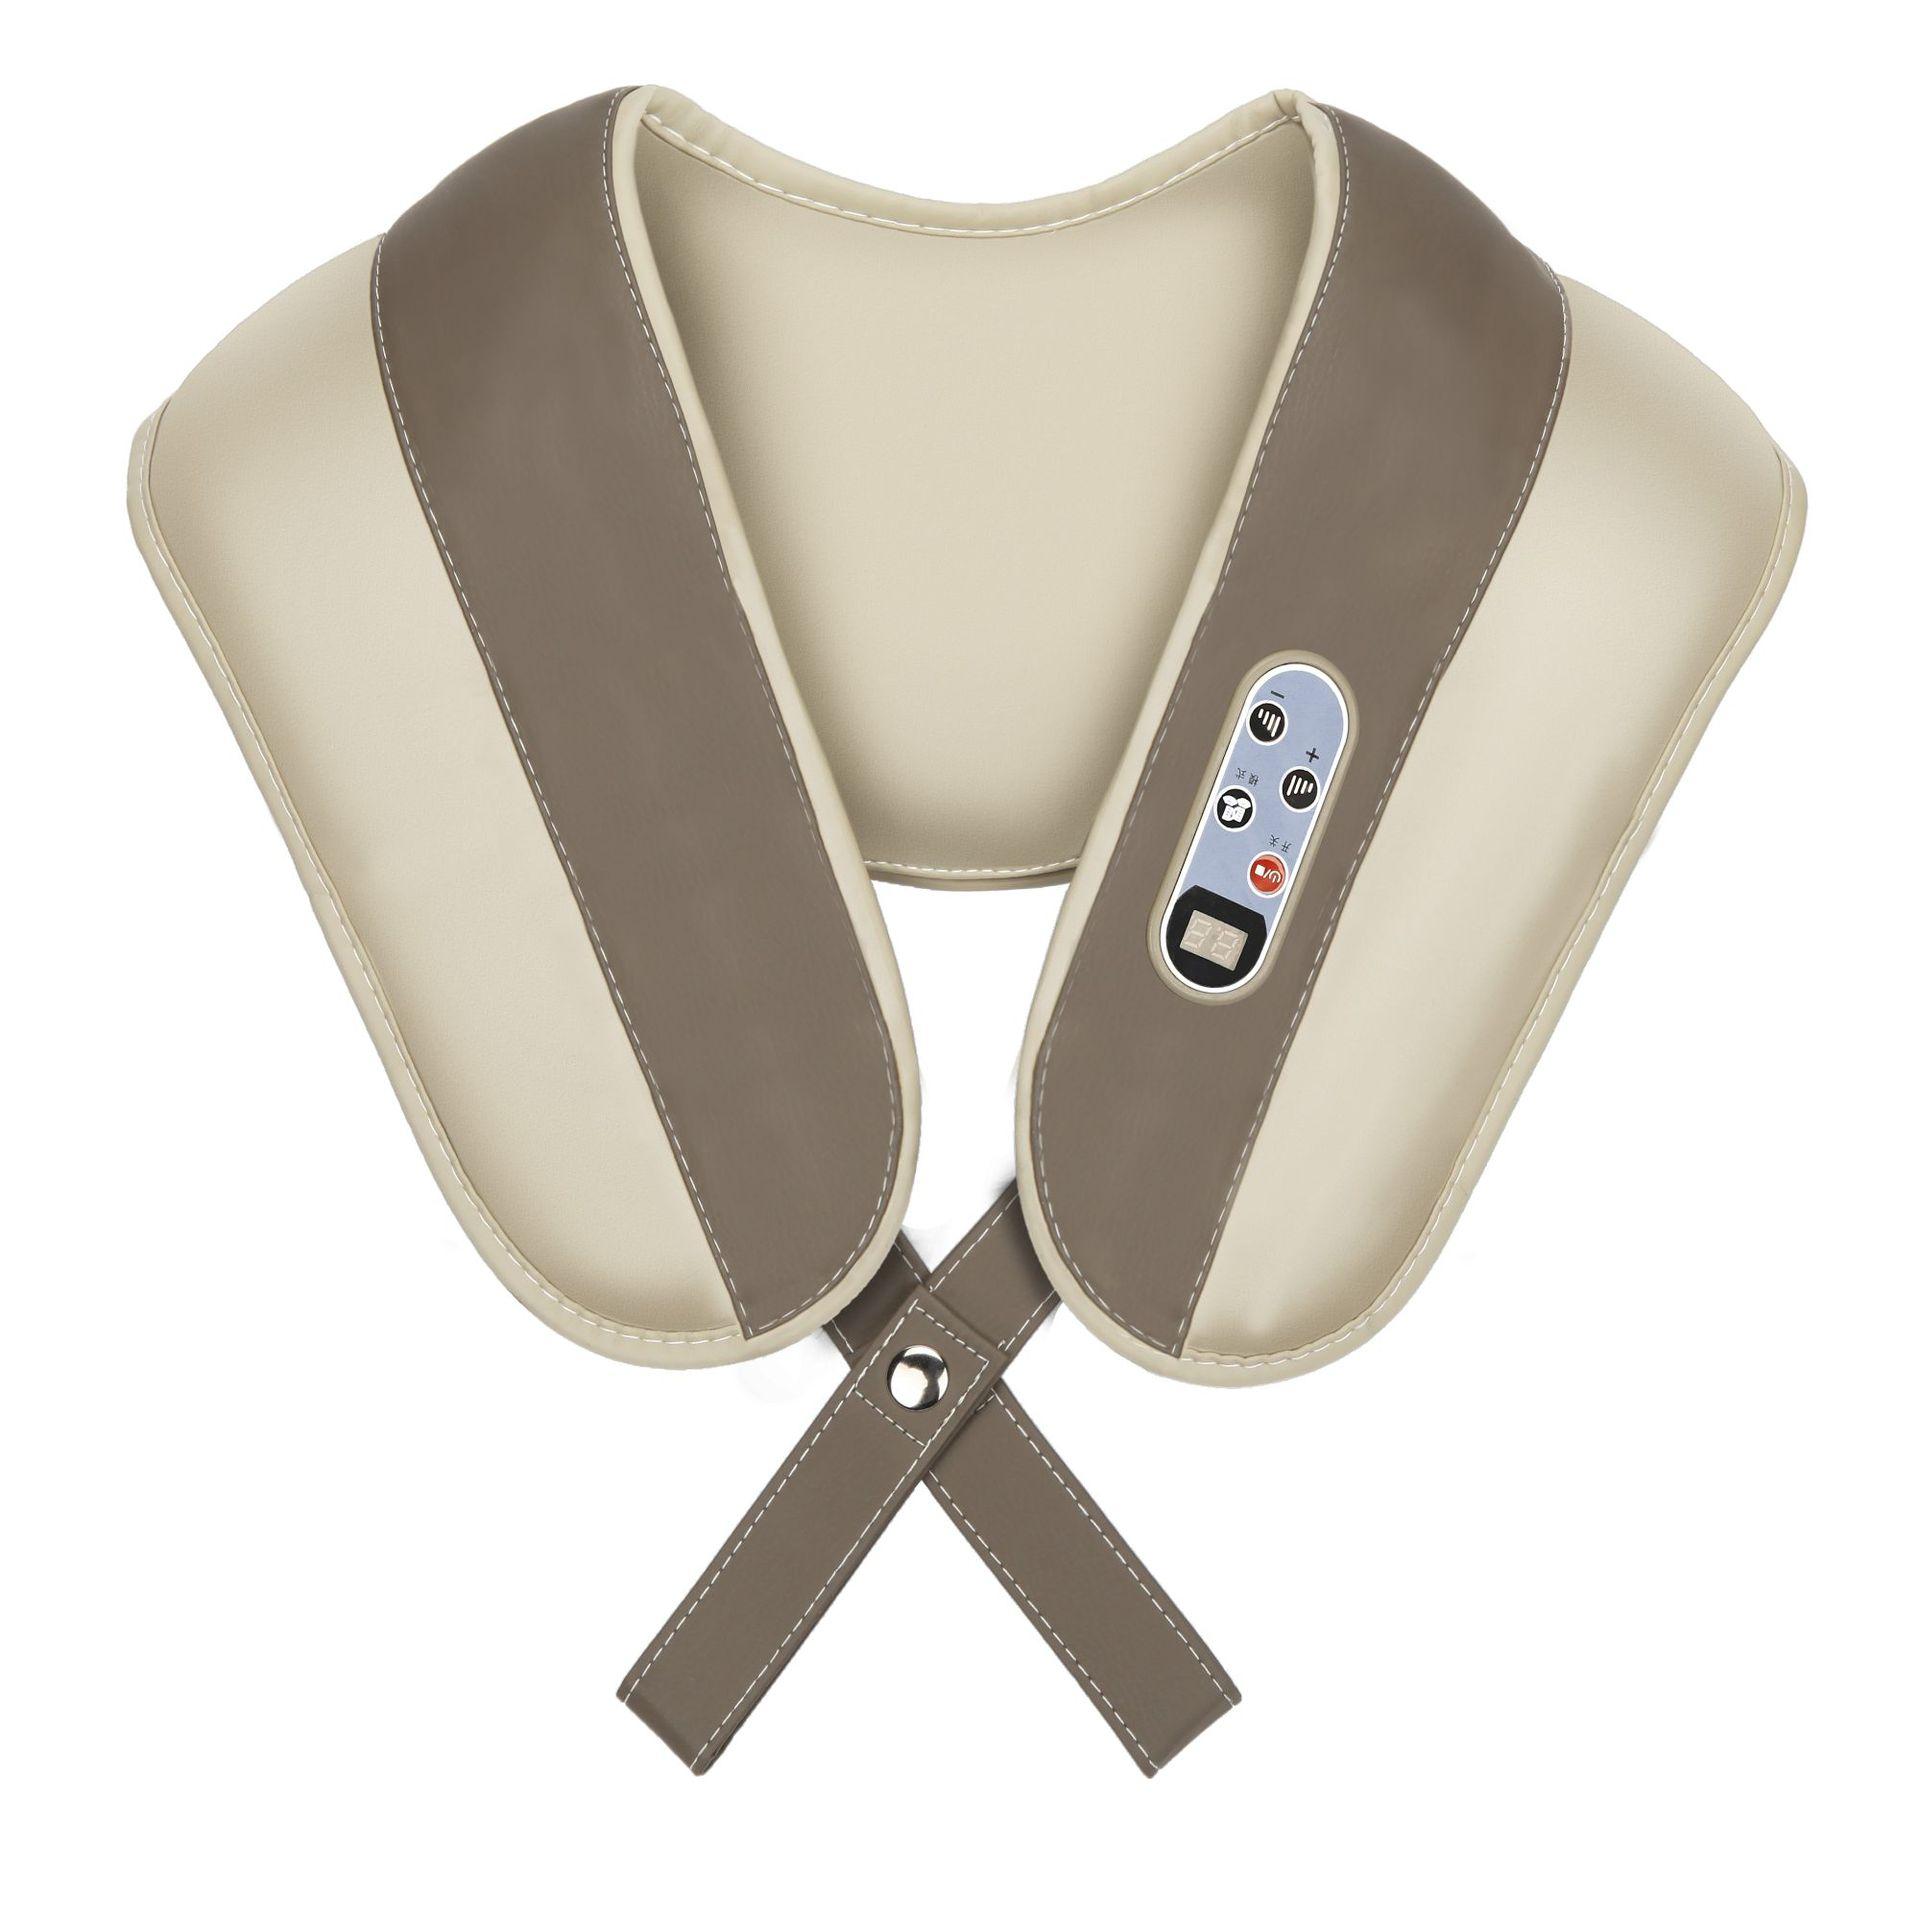 JIANCHENG Máy massage Nhà máy bán buôn đa chức năng cổ tử cung mát xa nhà điện OEM quà tặng vai và c